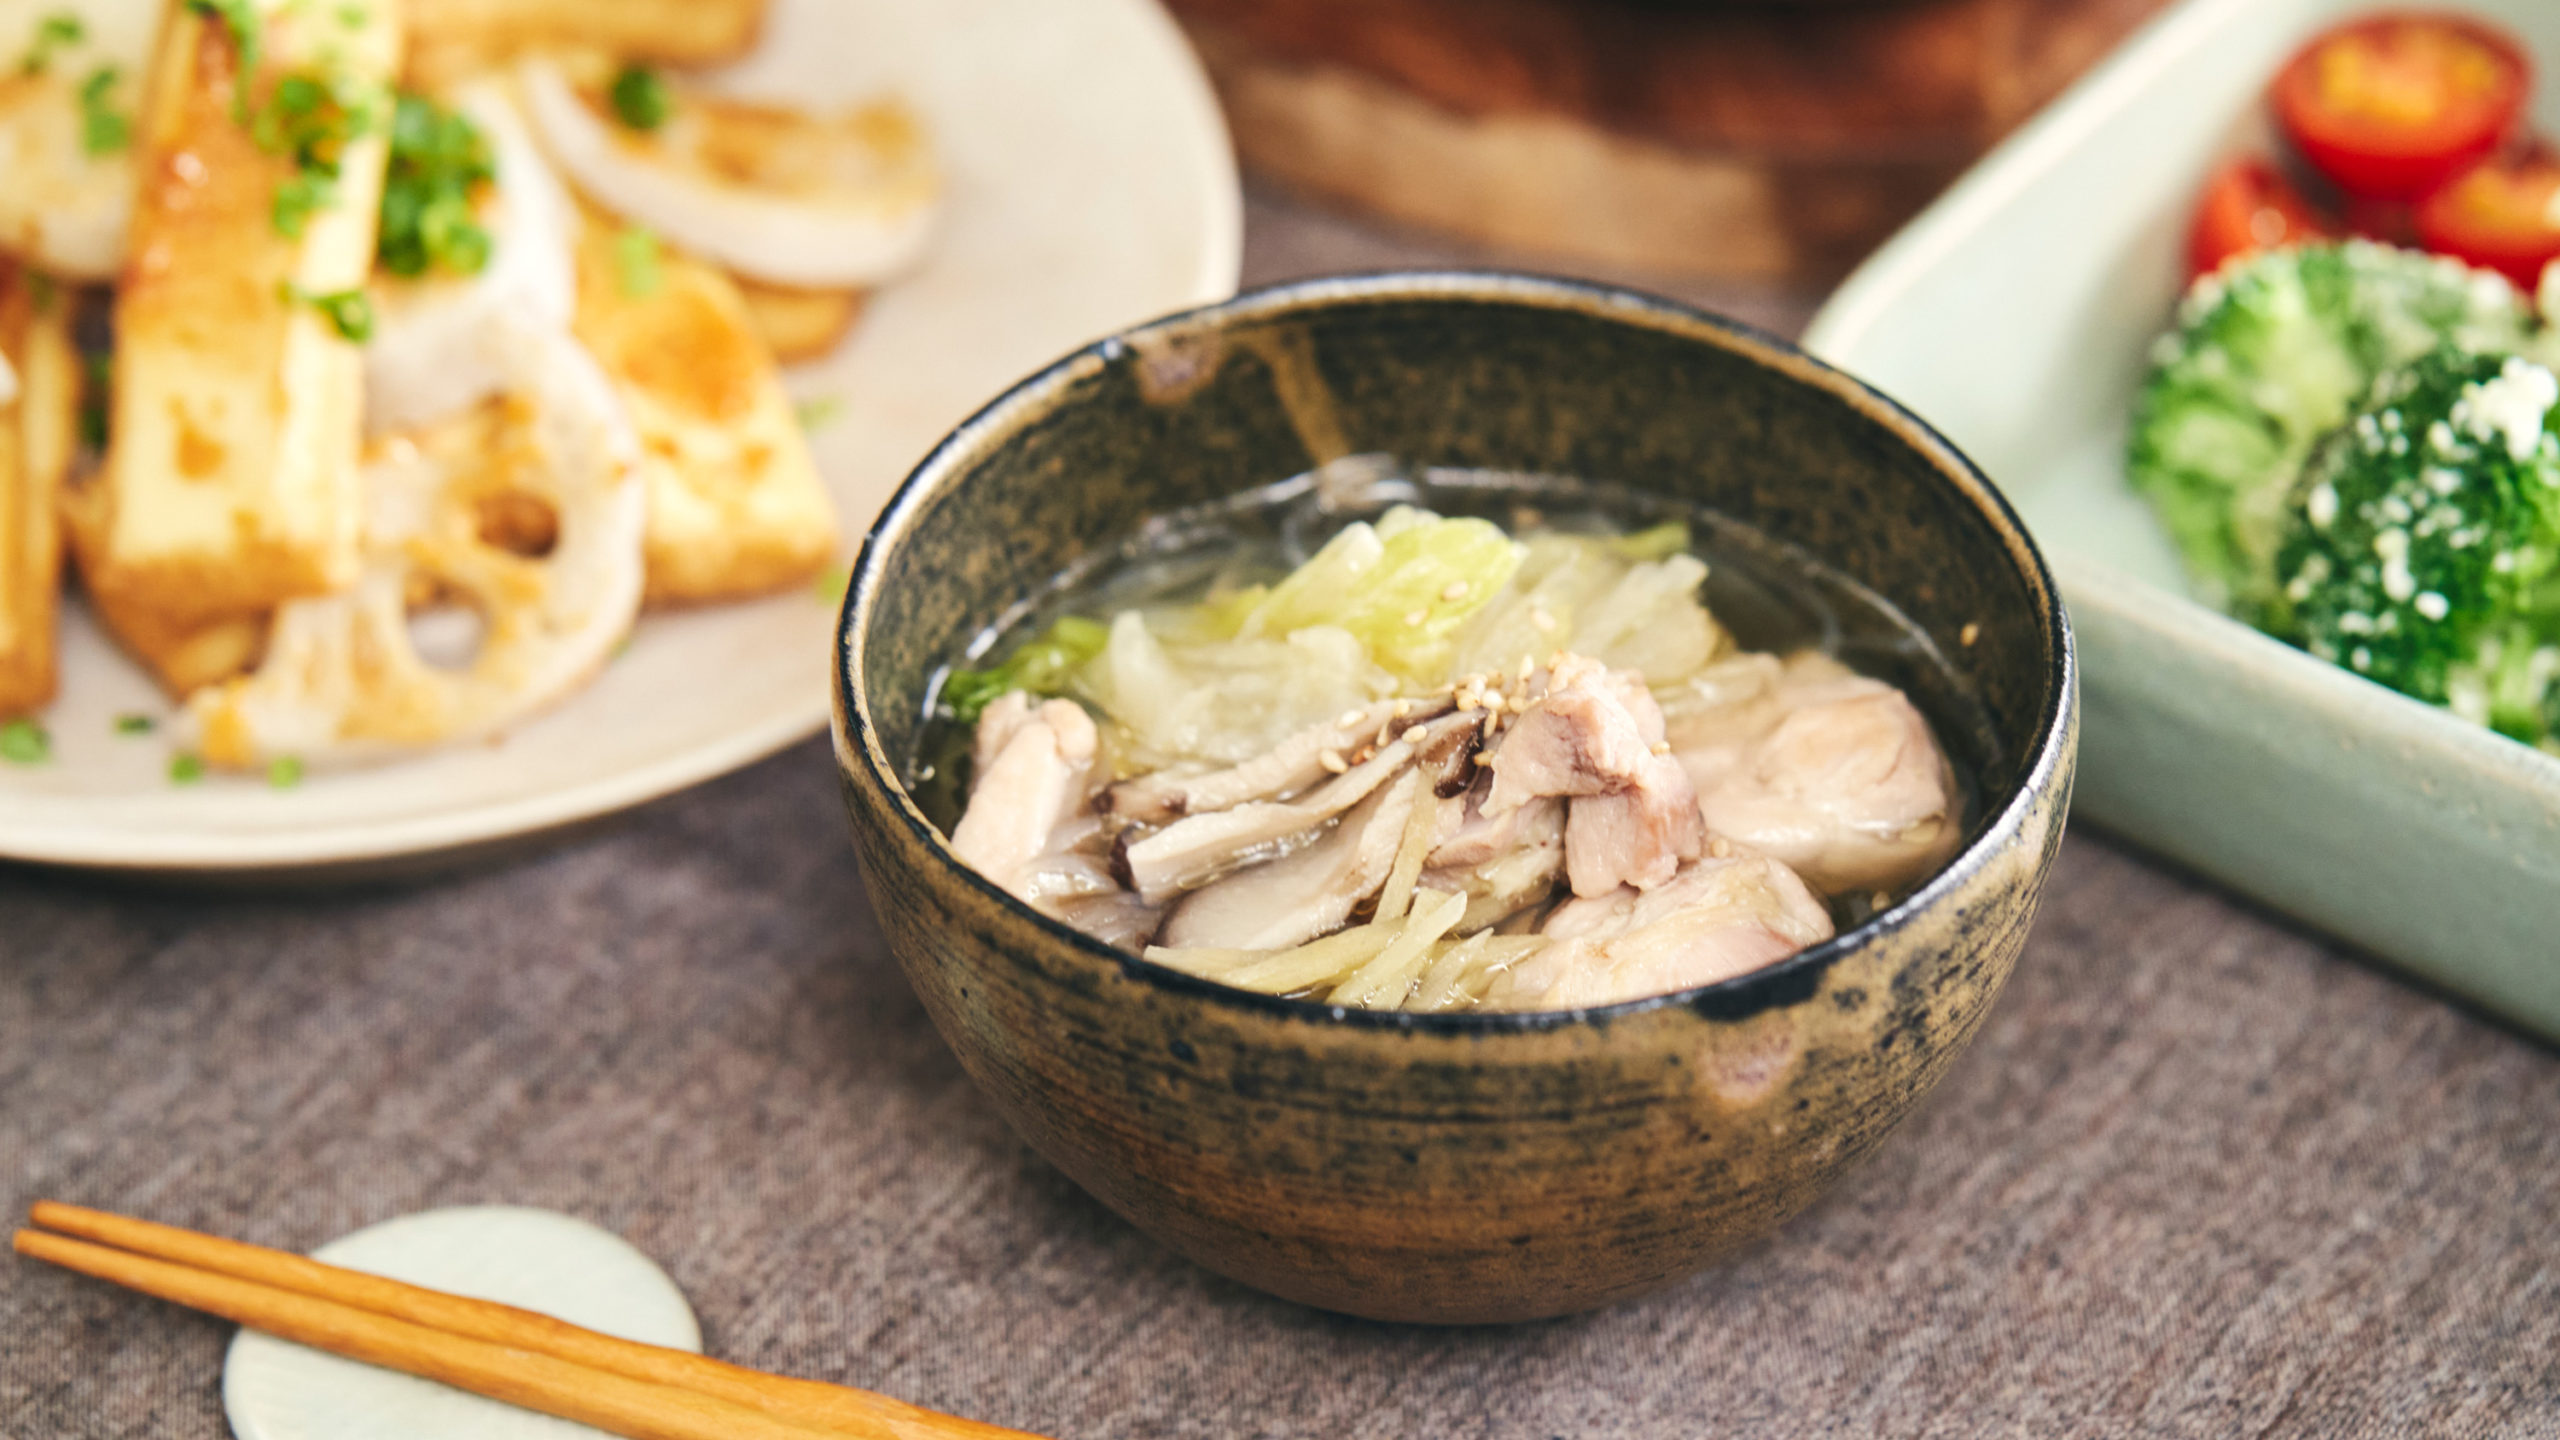 からだポカポカ♪ 鶏肉と春雨の生姜鍋